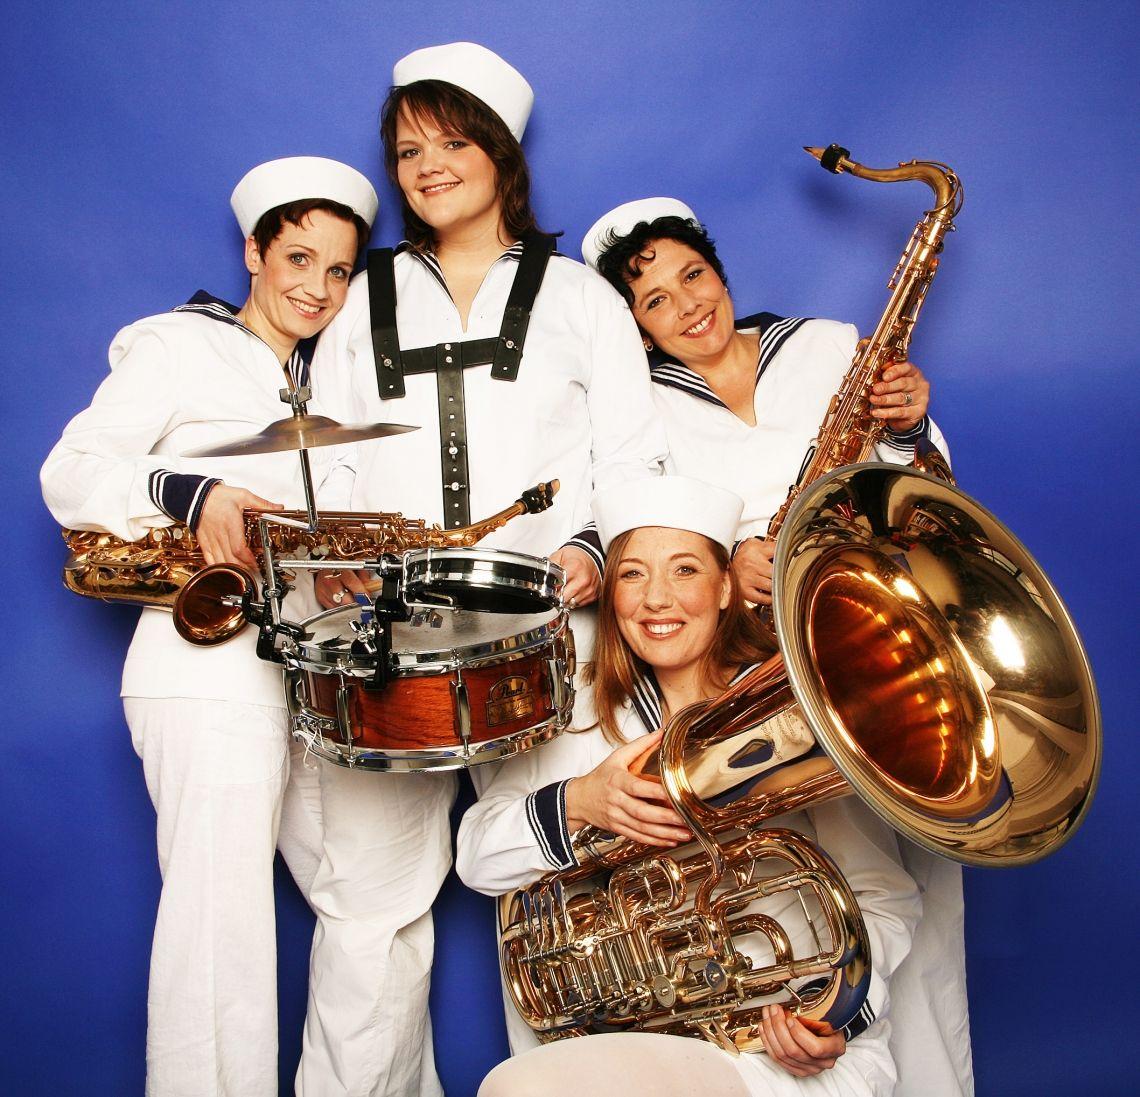 BrassAppeal - die BrassBand für maritime Events Wir begrüßen die Gäste musikalisch am Peer und geleiten Sie als Marchingband von einem Ort zum anderen. Als Marching band spielen wir am Hafen, auf der Seebrücke unfdam Strand, ziehen durch die Straßen und unterhalten Ihre Gäste.